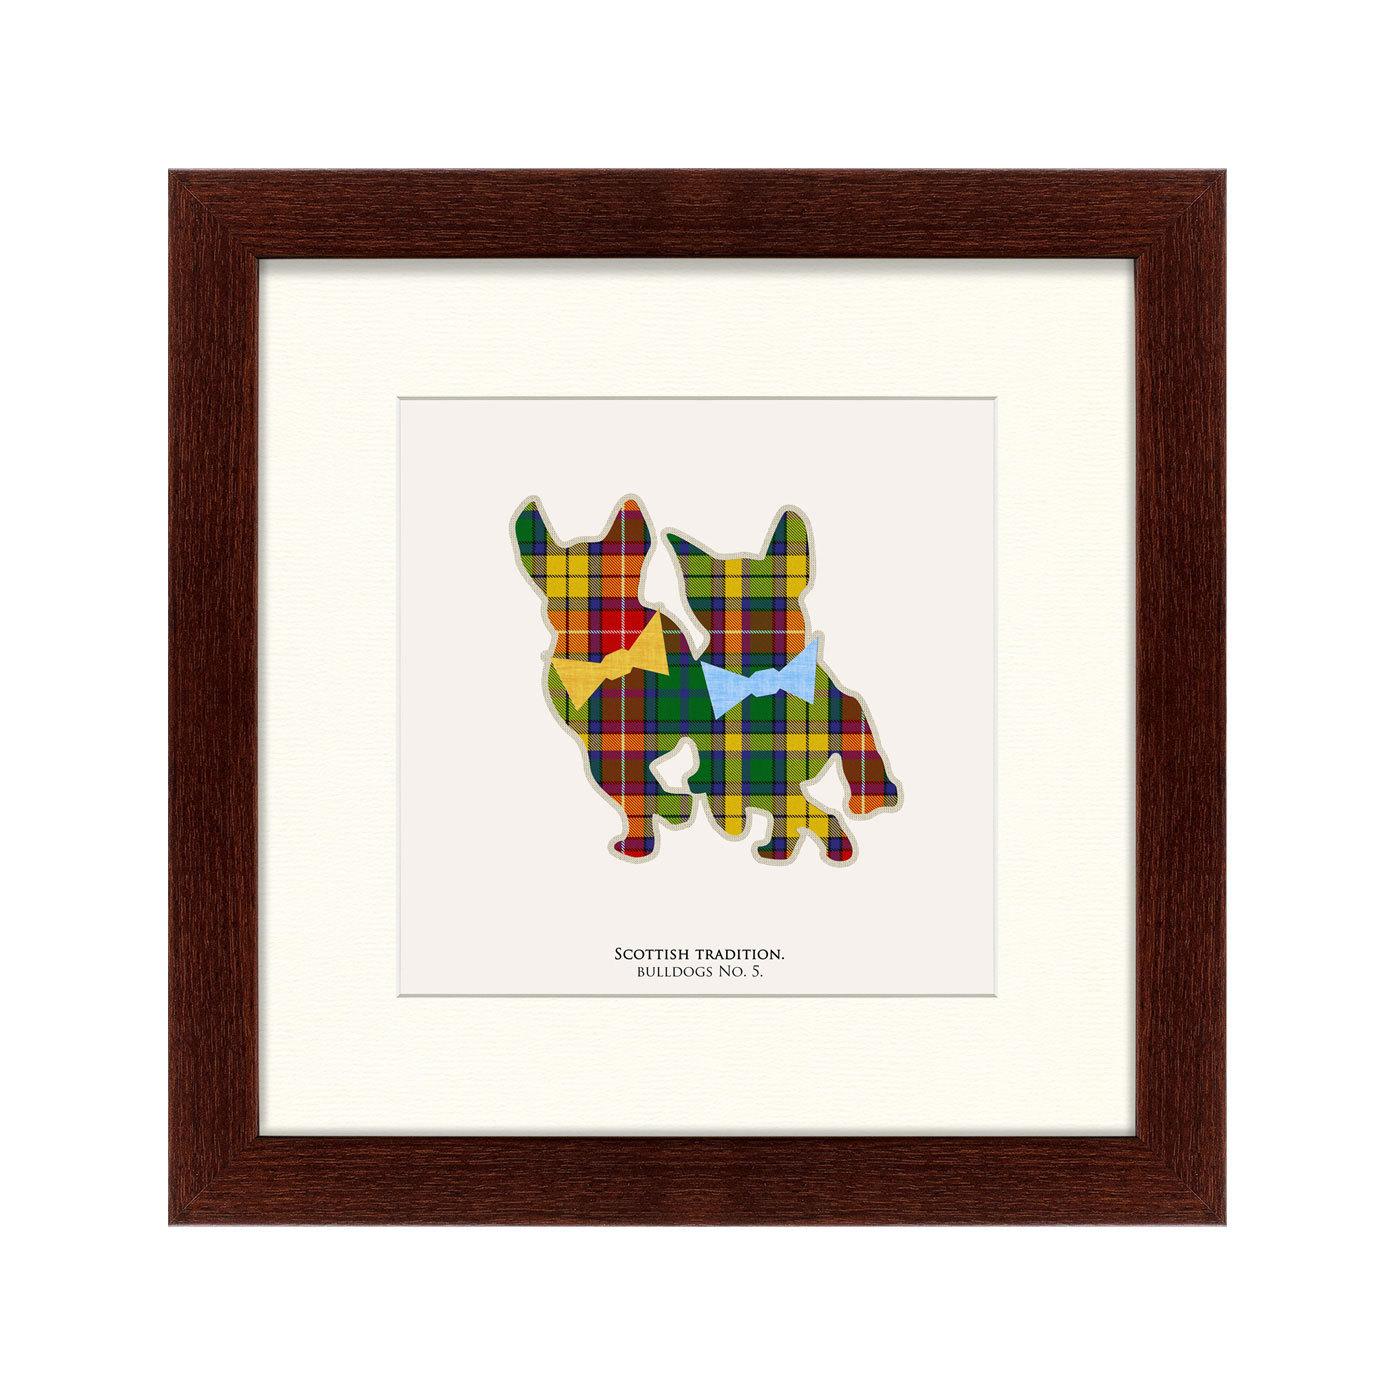 {} Картины в Квартиру Картина Бульдоги В Шотландской Клетке (35х35 см) картины в квартиру картина опасные домохозяйки 2 35х35 см